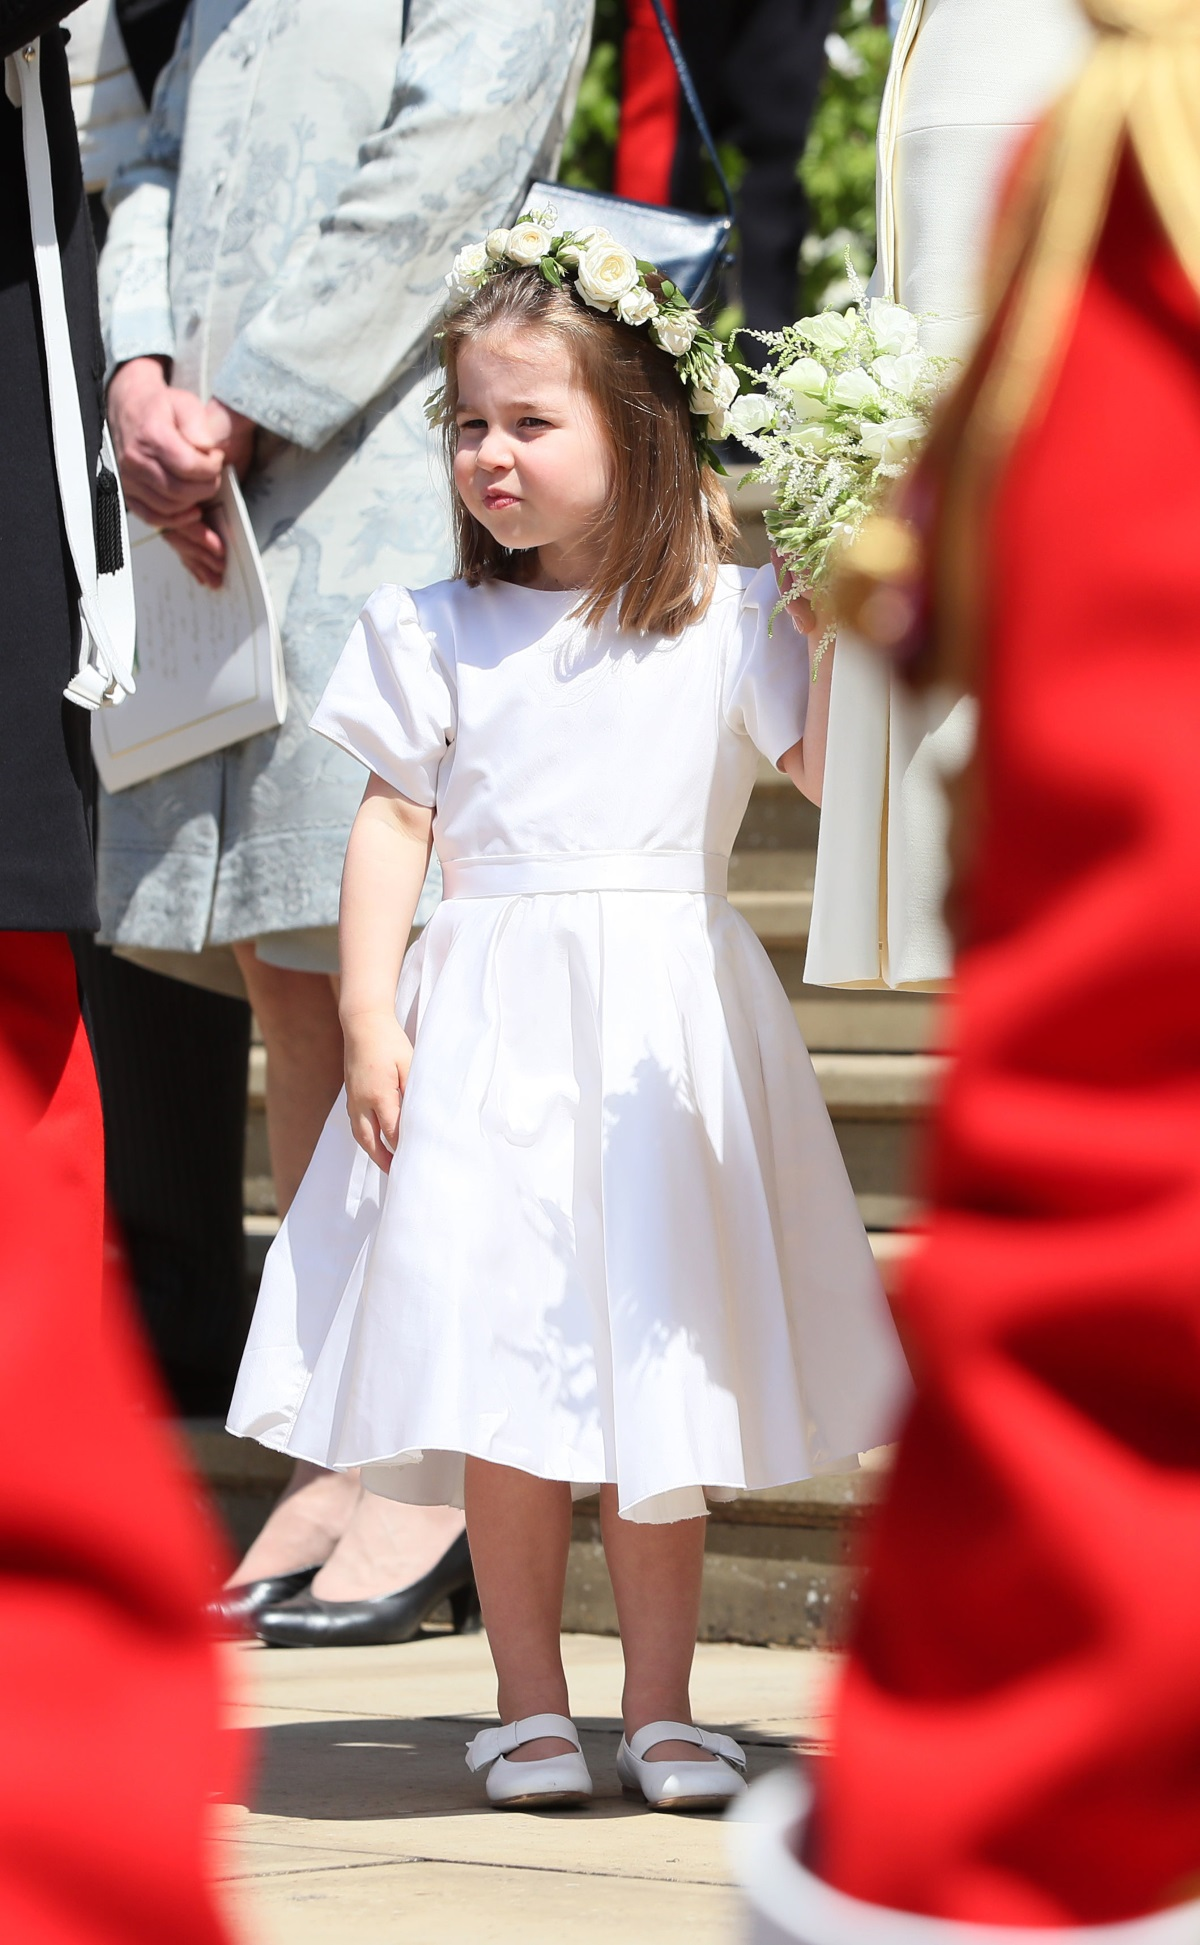 Шаферите на сватбата принц Джордж и принцеса Шарлот.